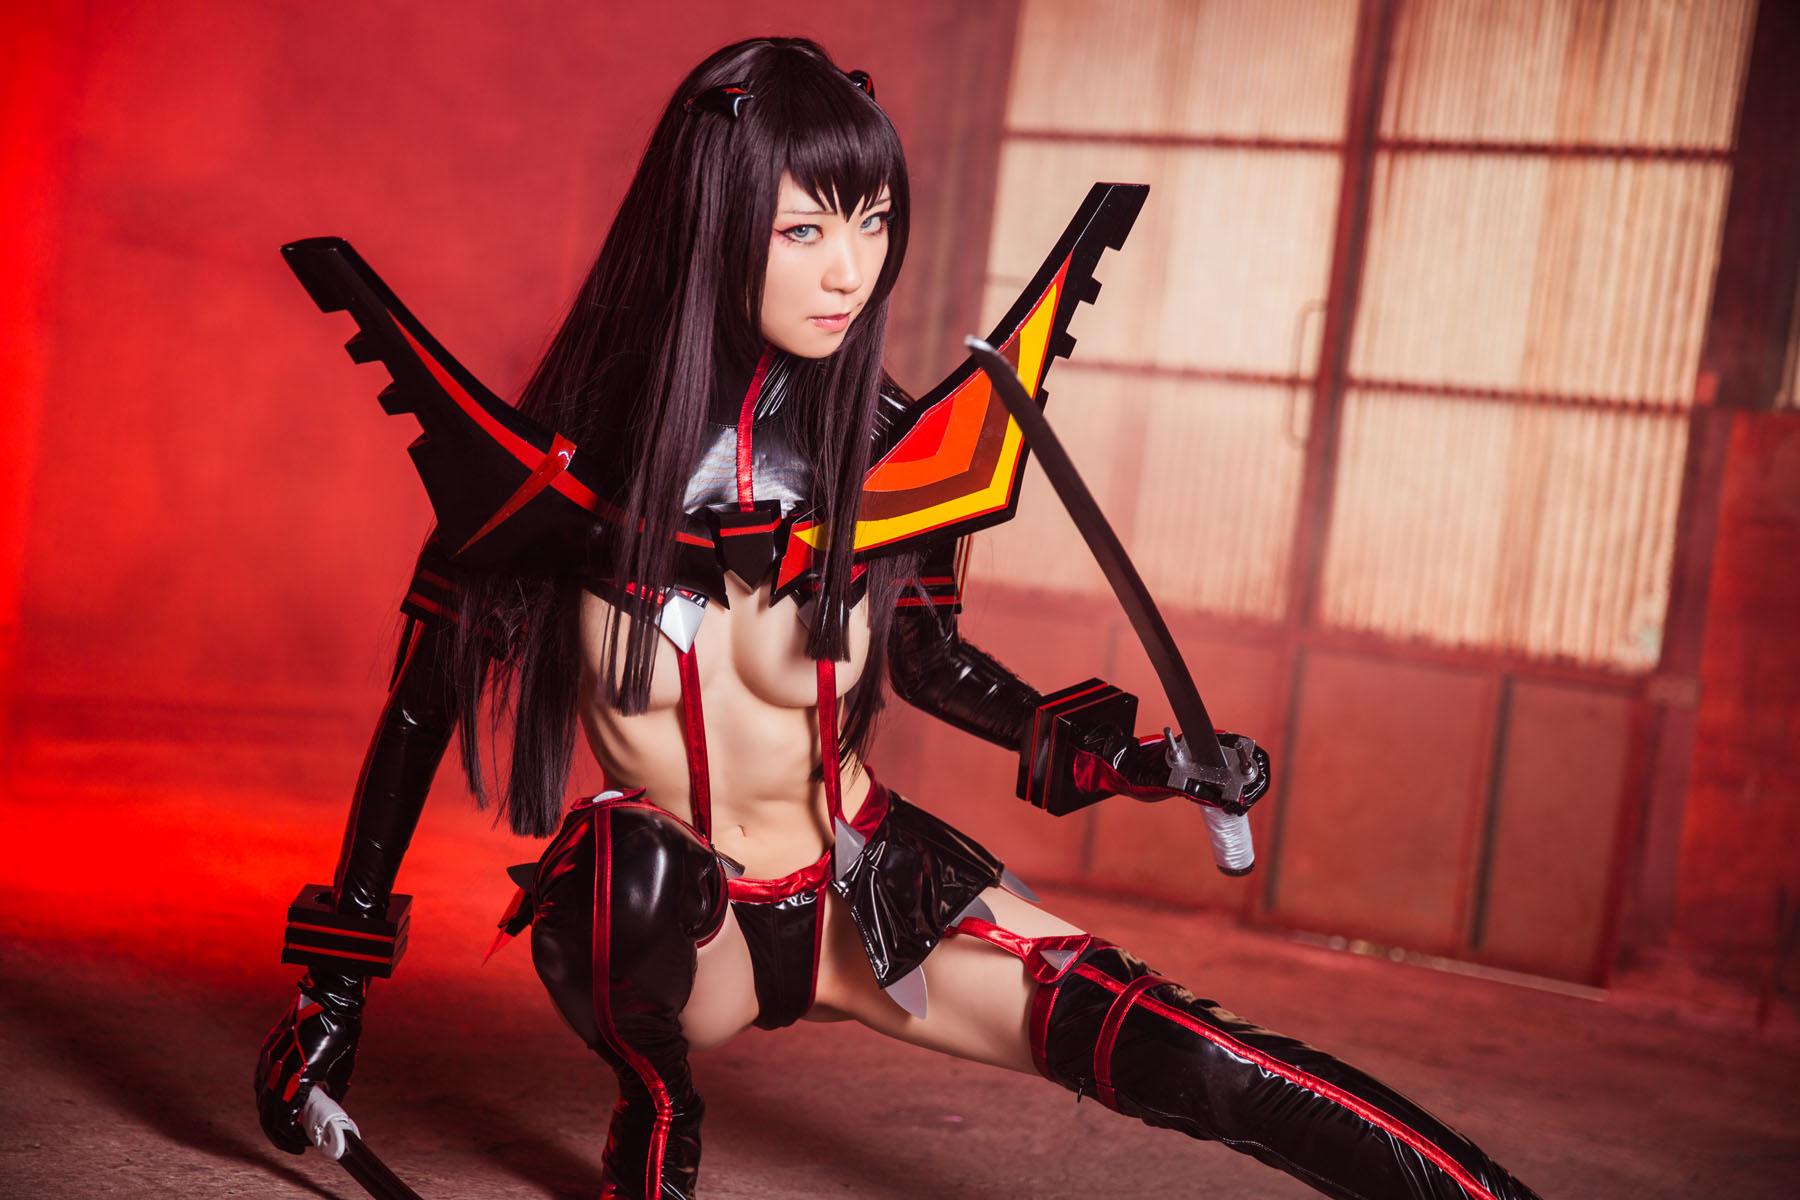 Kill la Kill Satsuki Kiryuuin anime cosplay by Mikehouse 0027